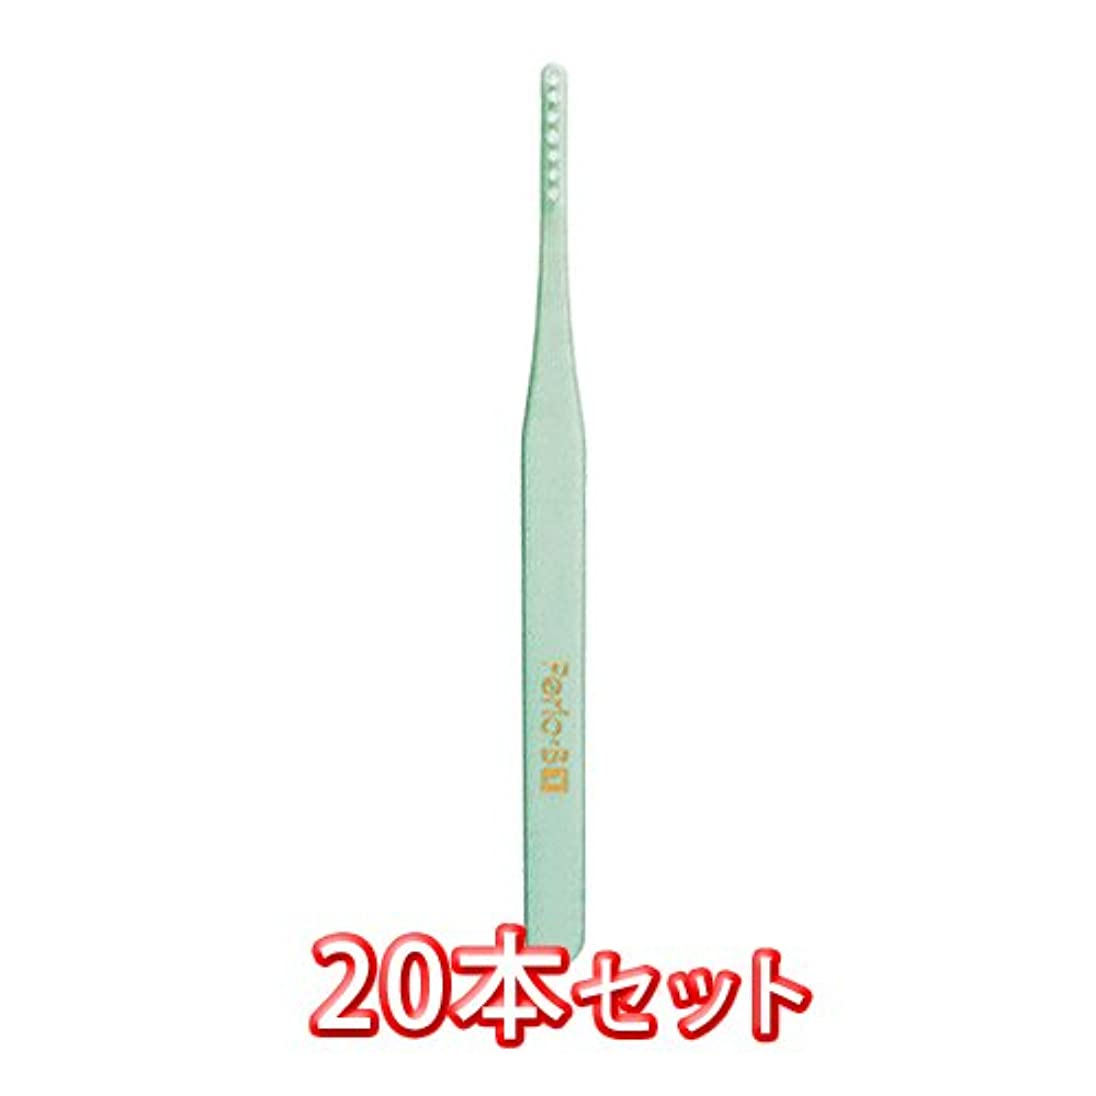 湾まとめる秘密のサンスター ペリオ歯ブラシ 20本入 ぺリオB1